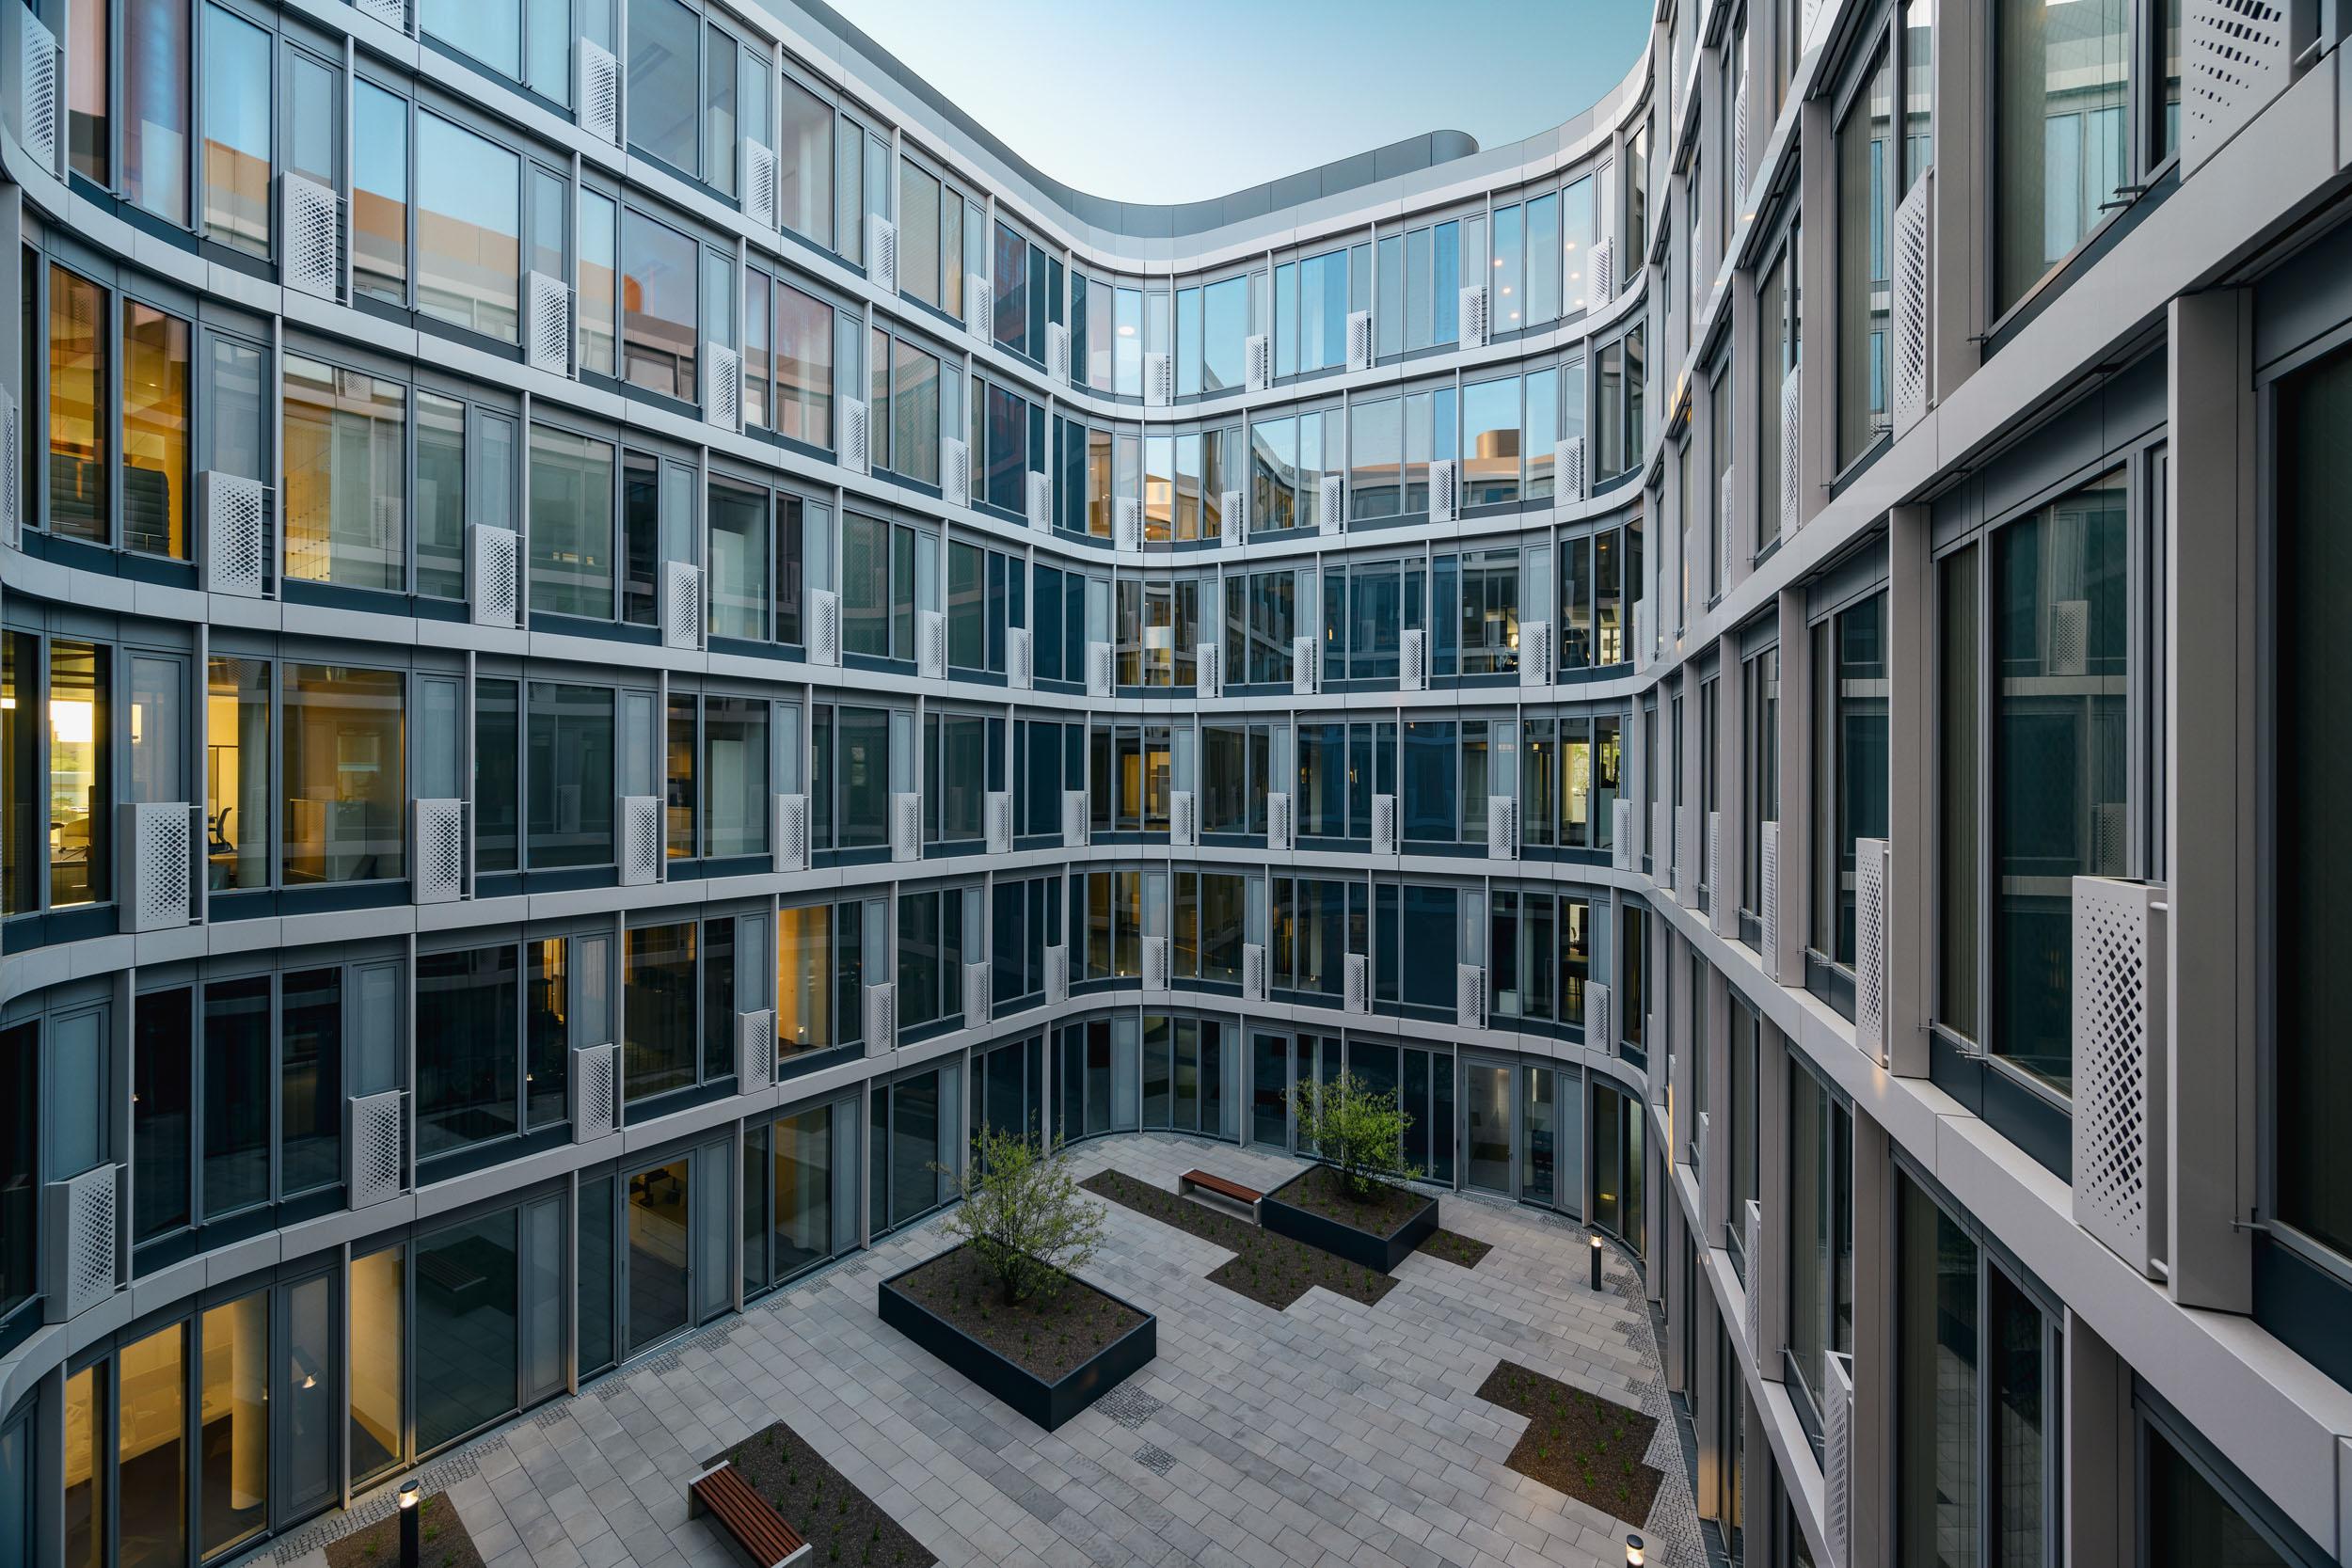 Gustav-Epple-Bauunternehmung-Infinity-Düsseldoef-Schwannstrasse-Architektur-Büro_MLZ2521